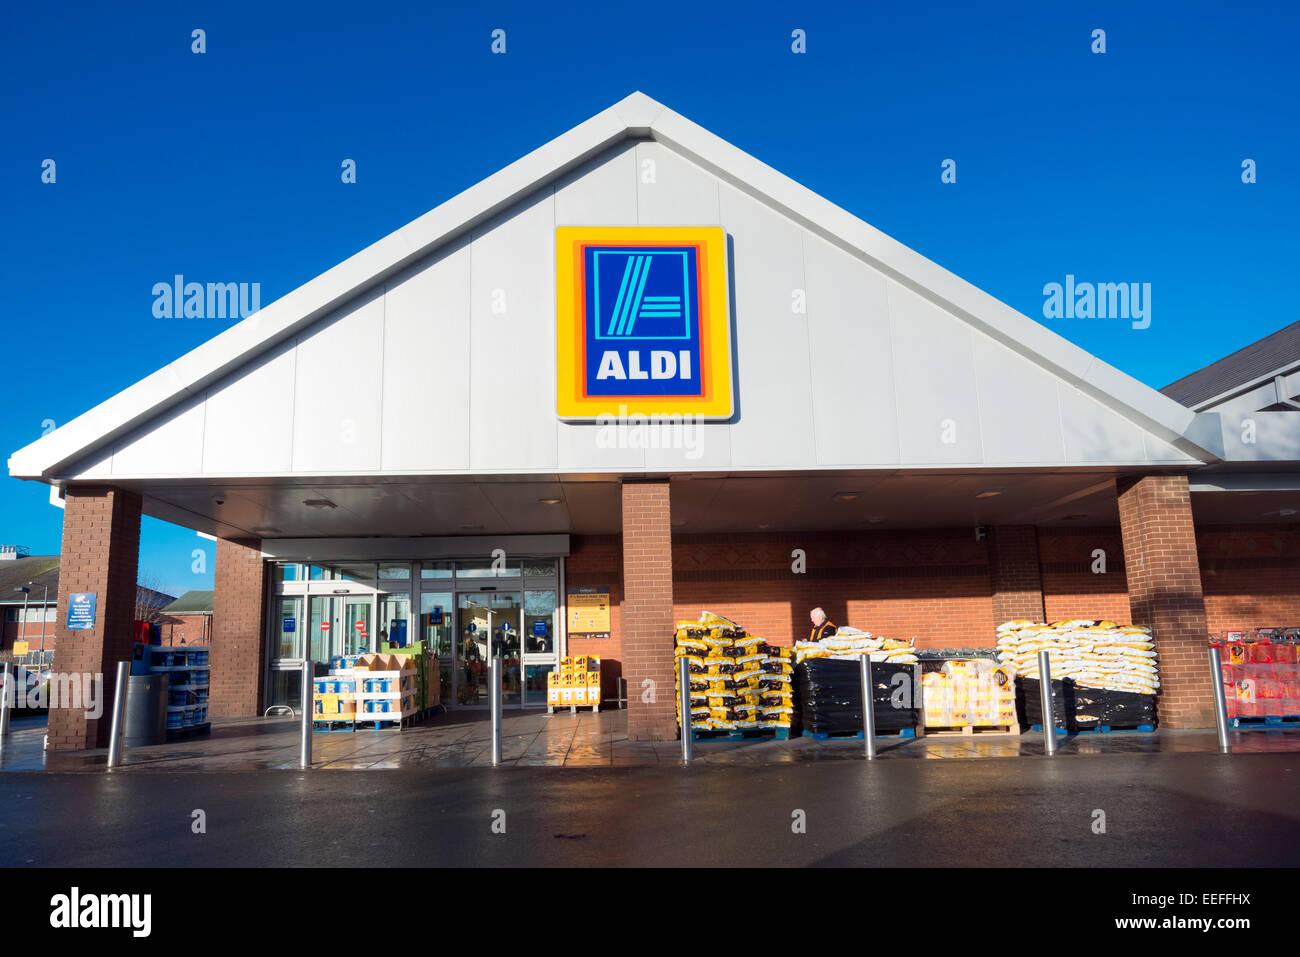 Aldi supermarket in Hereford, UK. - Stock Image